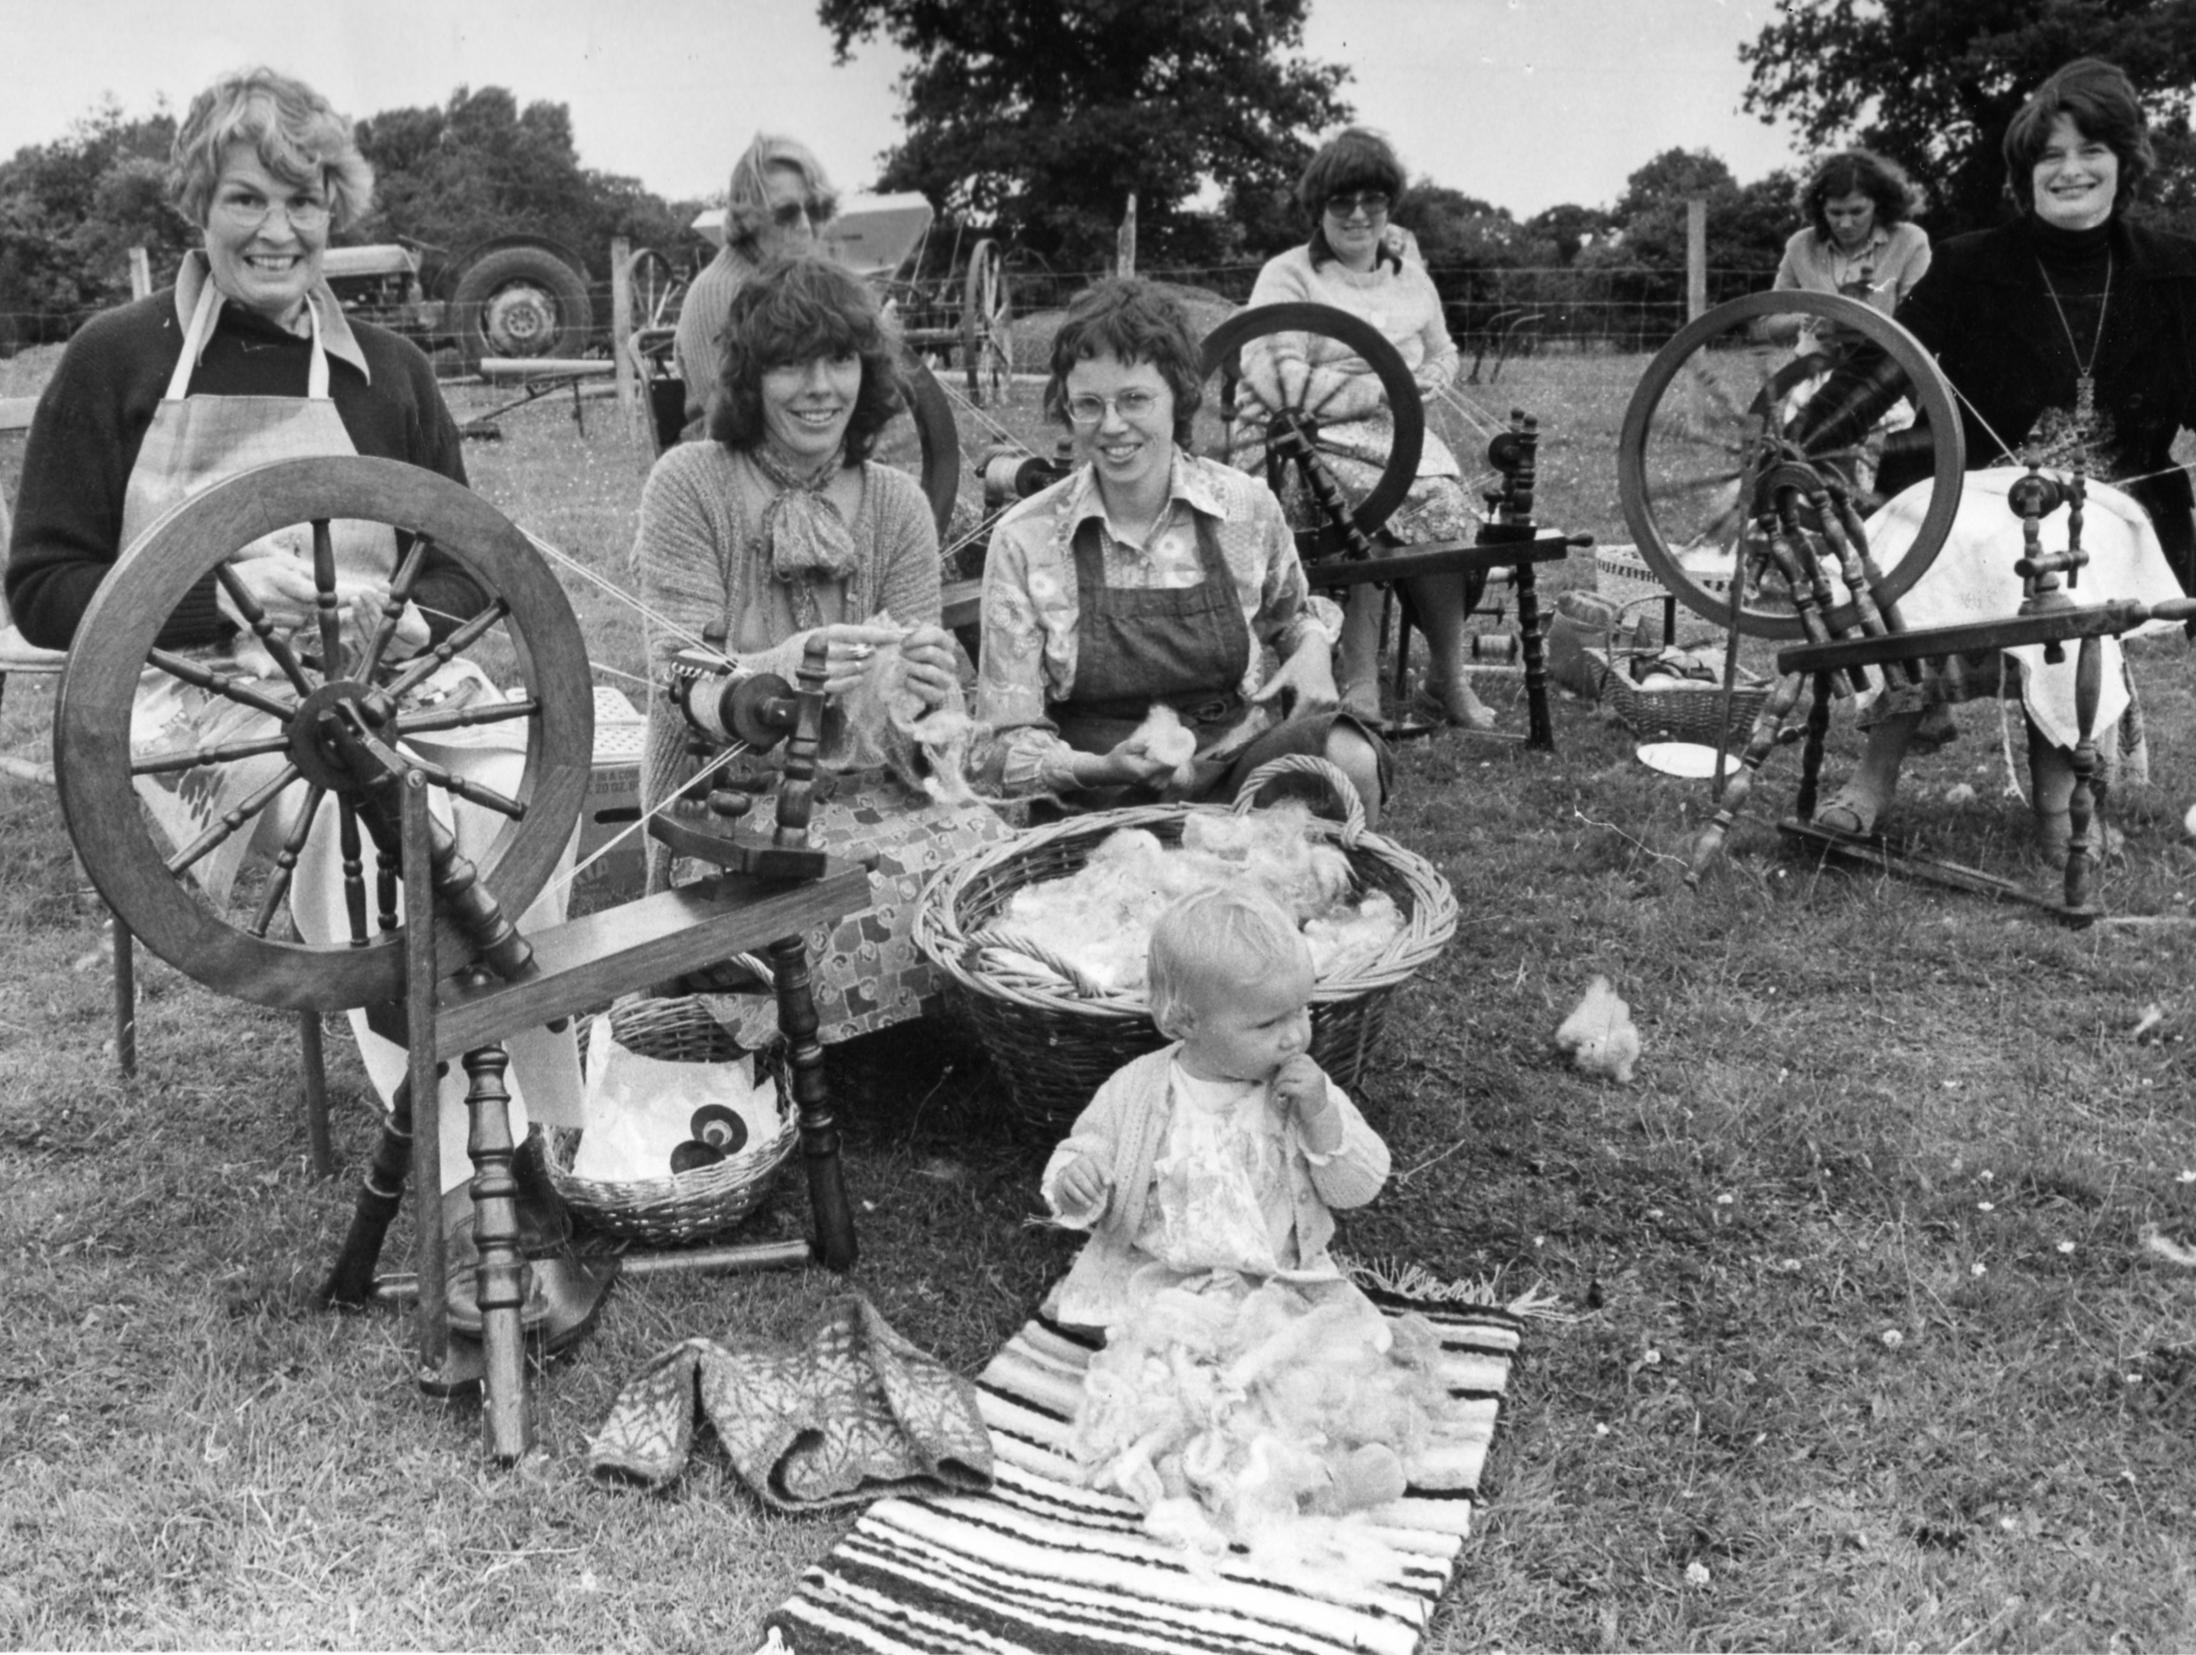 1979 - Attending my first spinning class run by my mum.